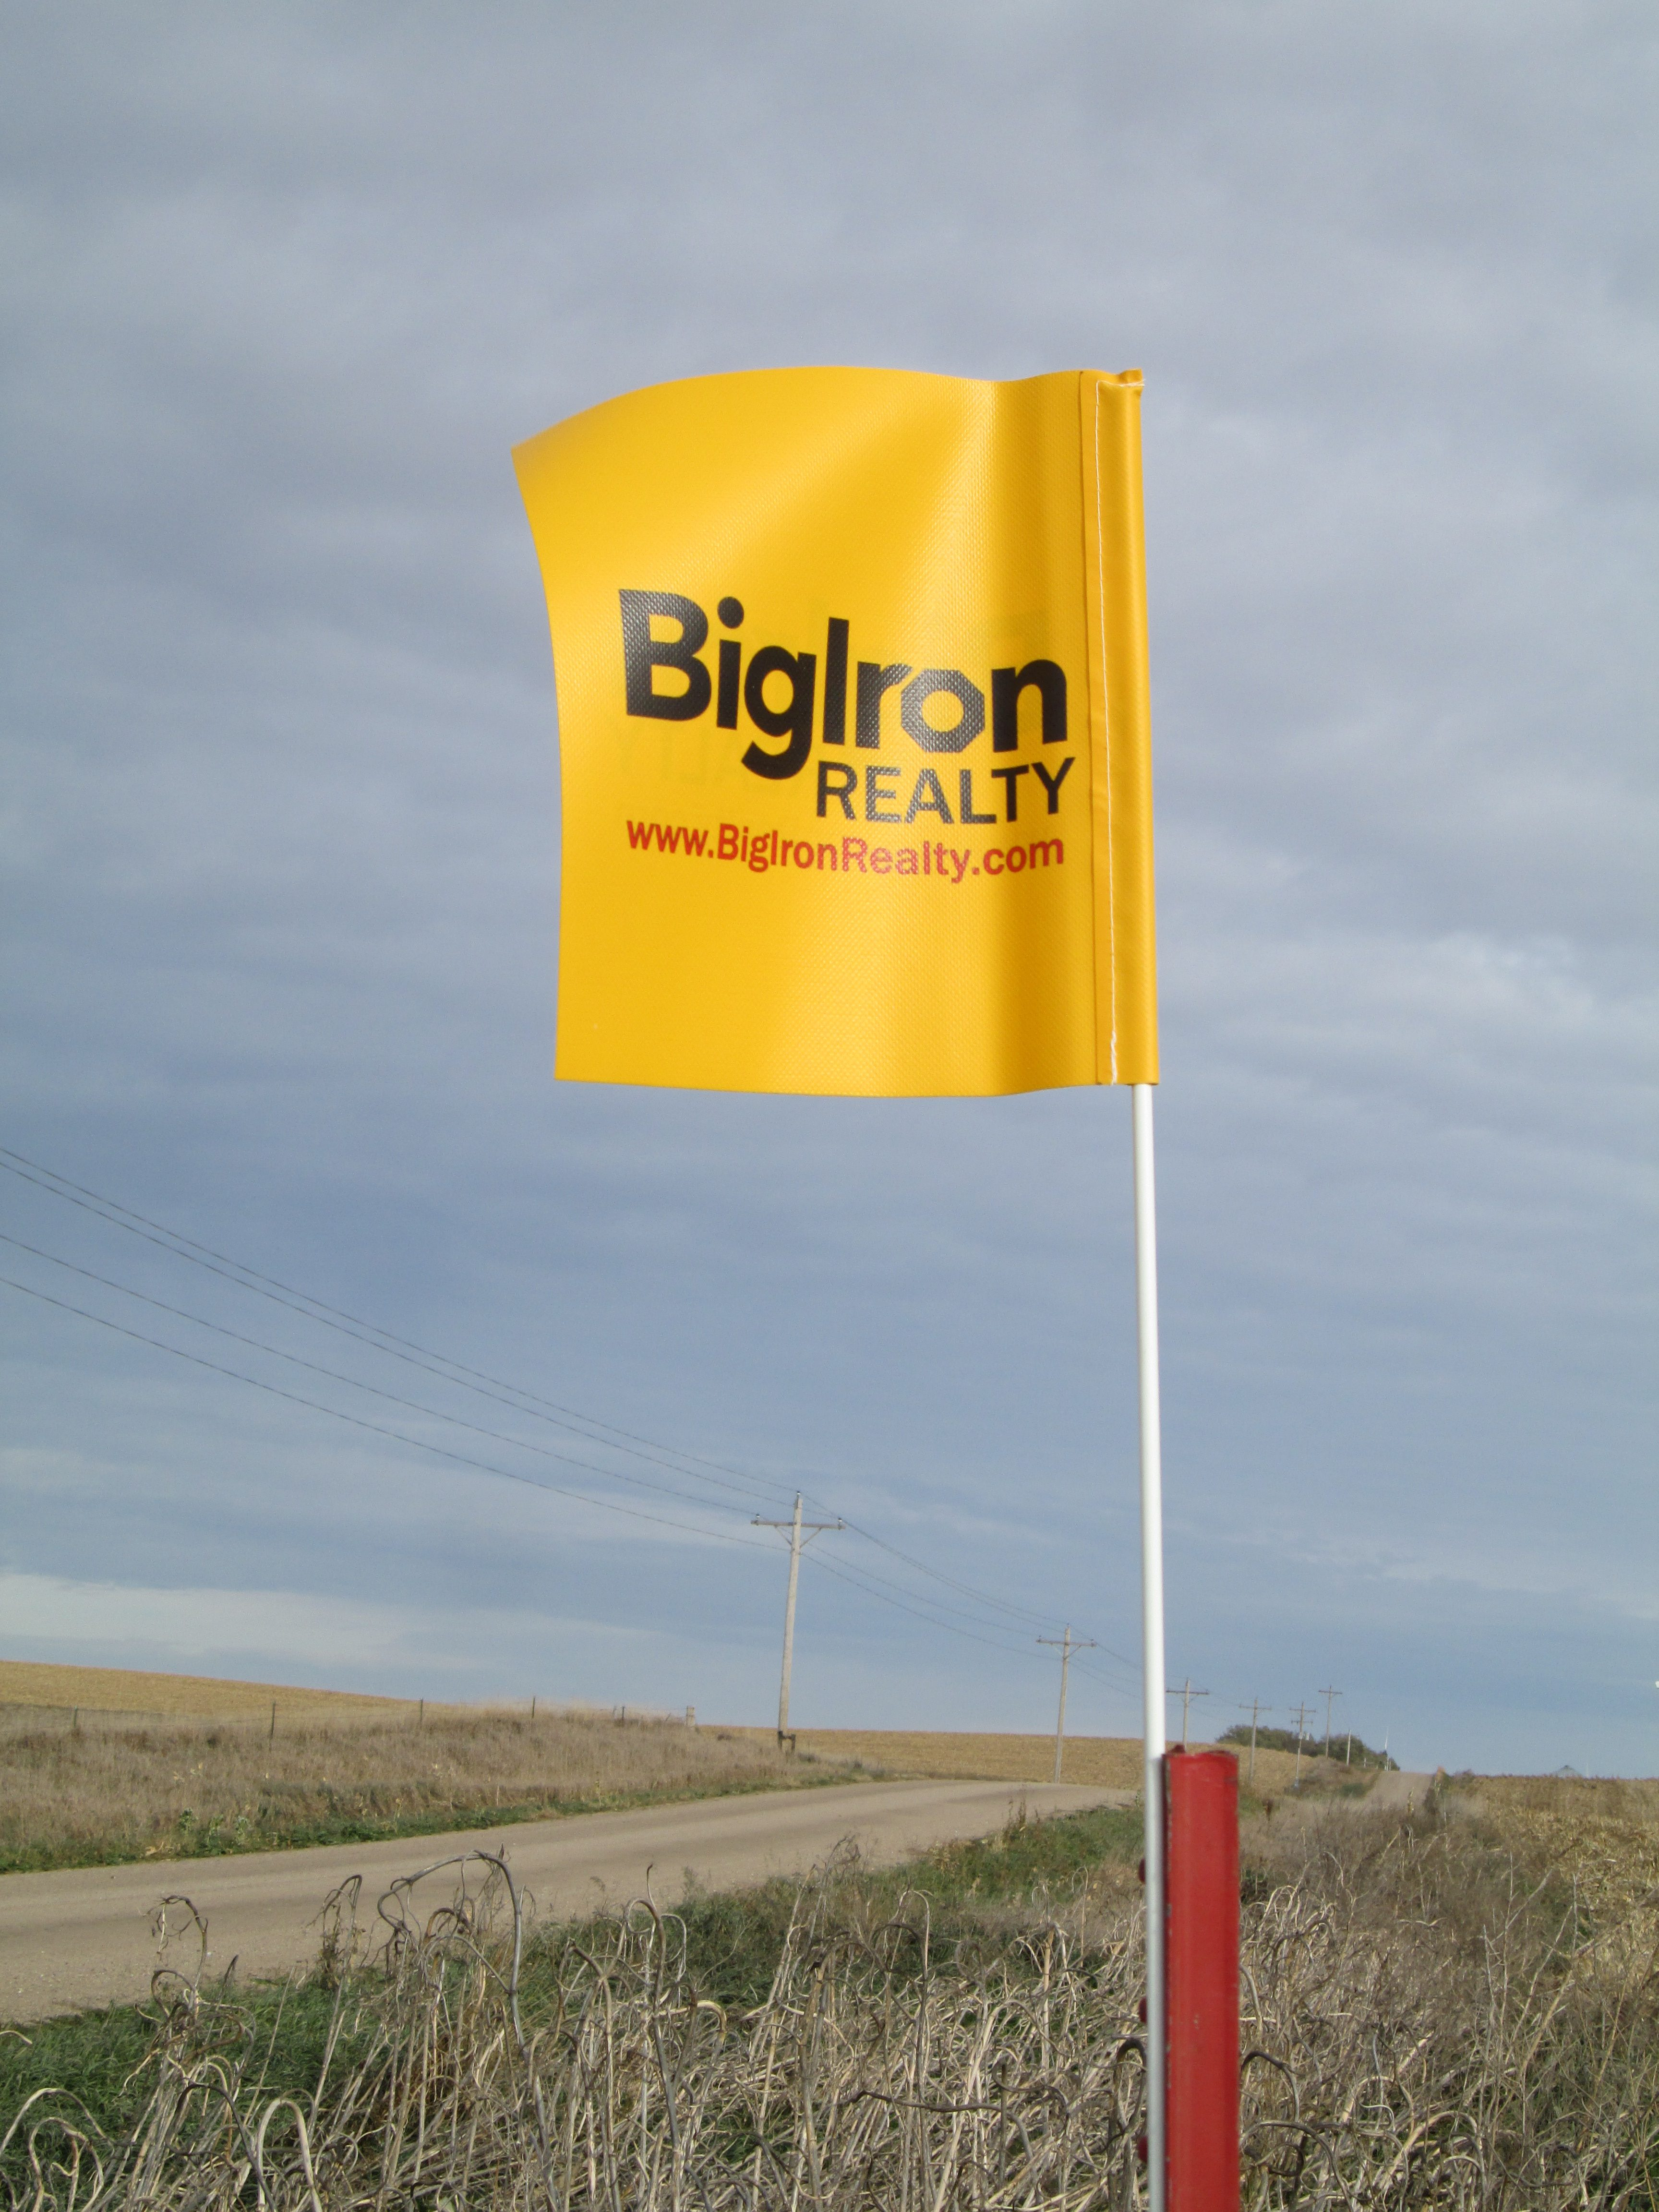 Corner-Flags-e1509630974748.jpg